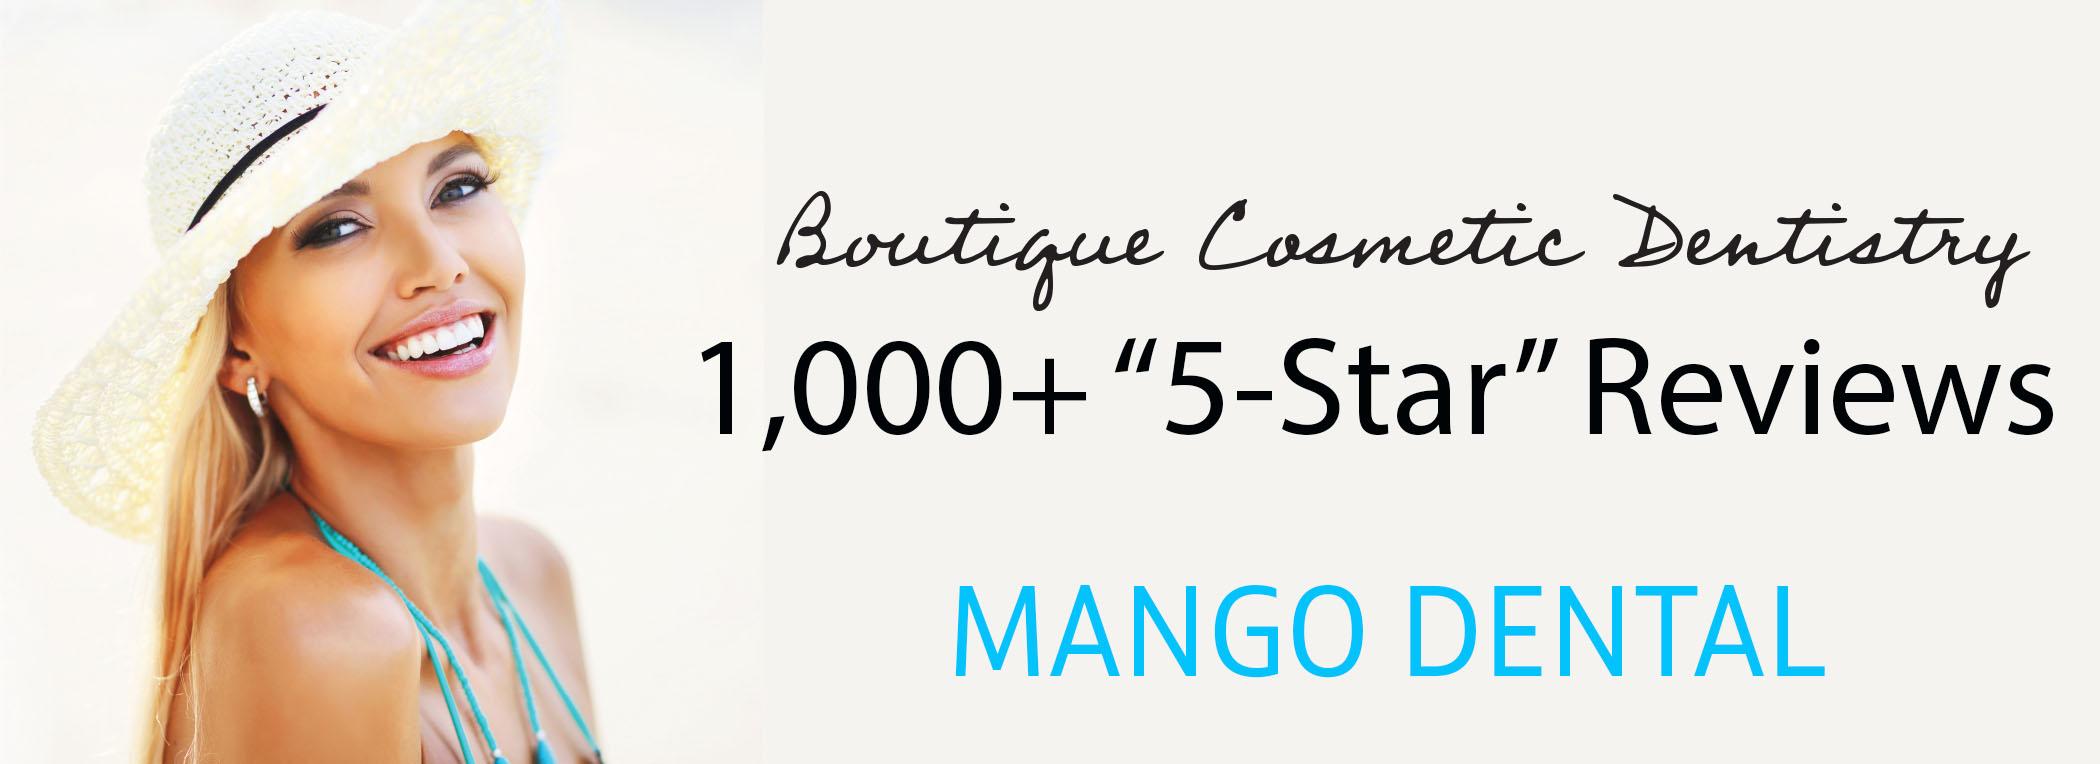 1,000 5-Star Reviews for Mango Dental